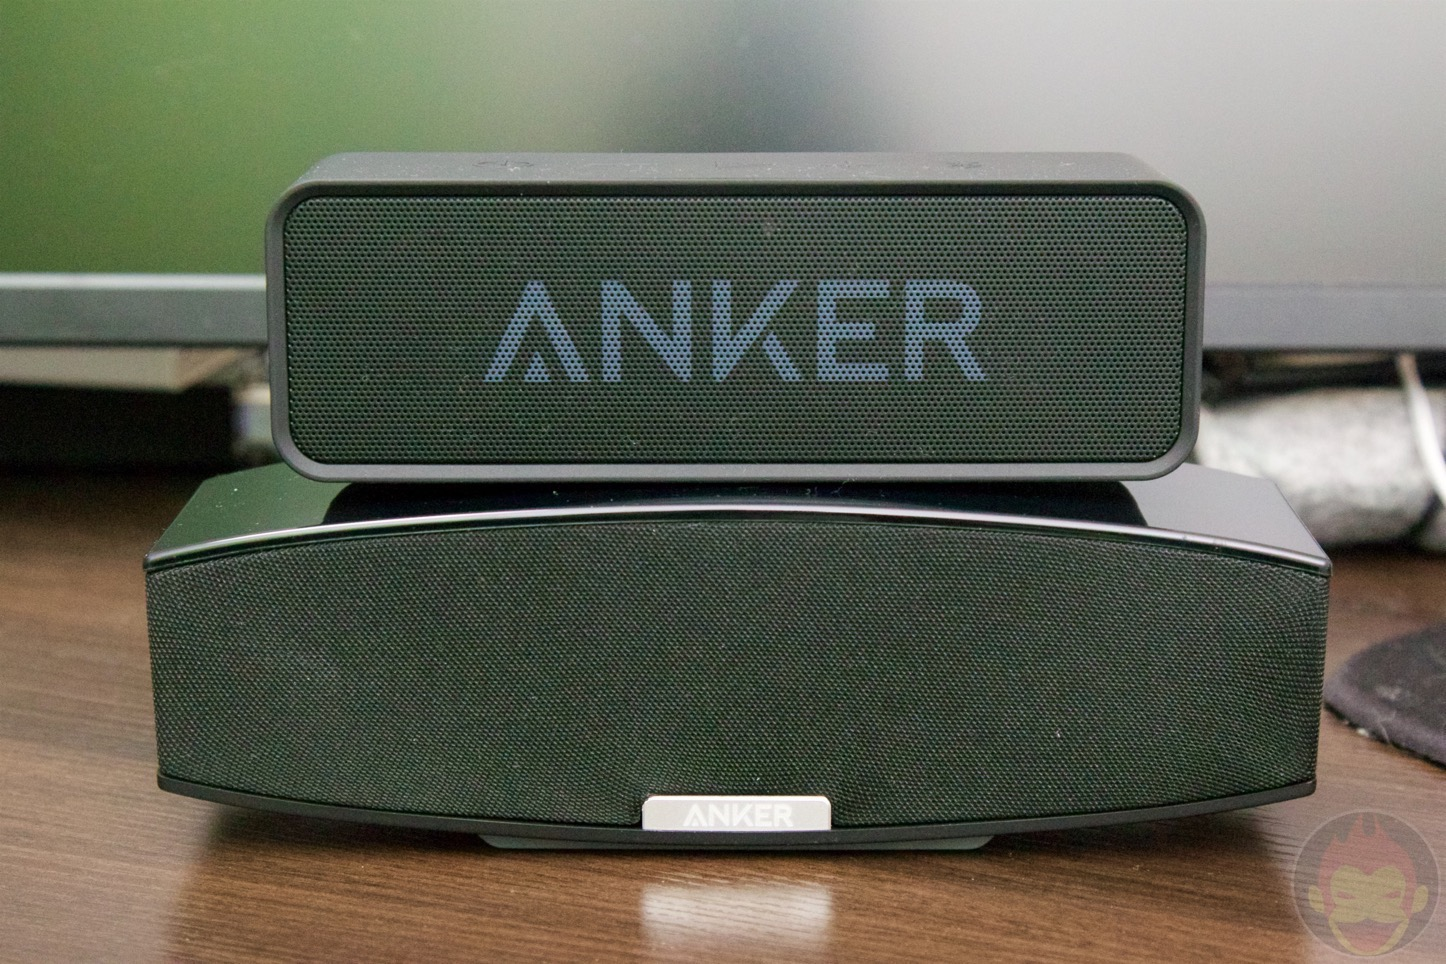 Anker-Premium-Stereo-Bluetooth-Speaker-12.jpg